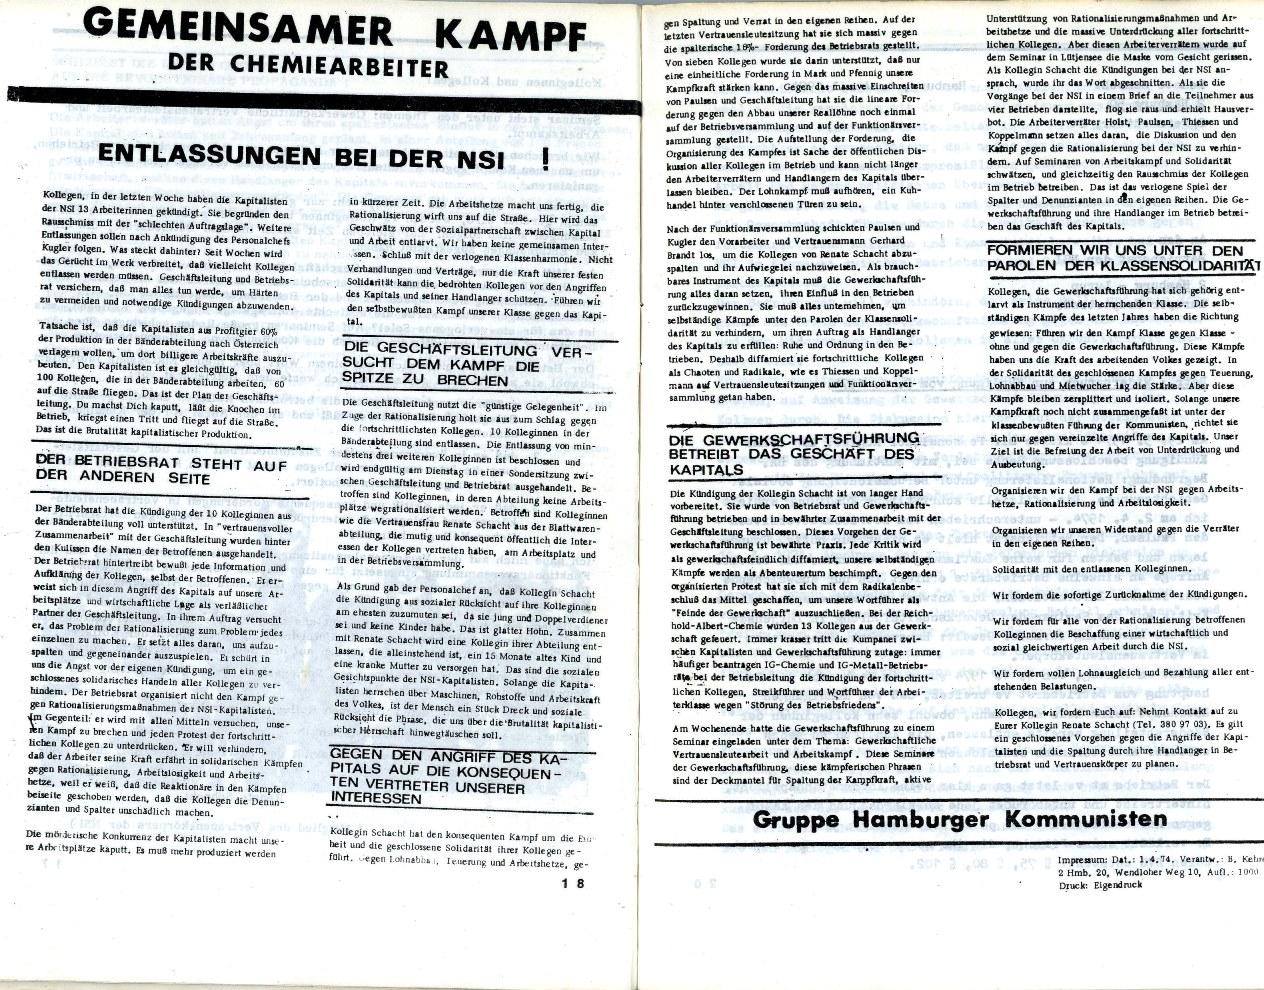 Hamburg_RH_1974_Politische_Entlassungen_11